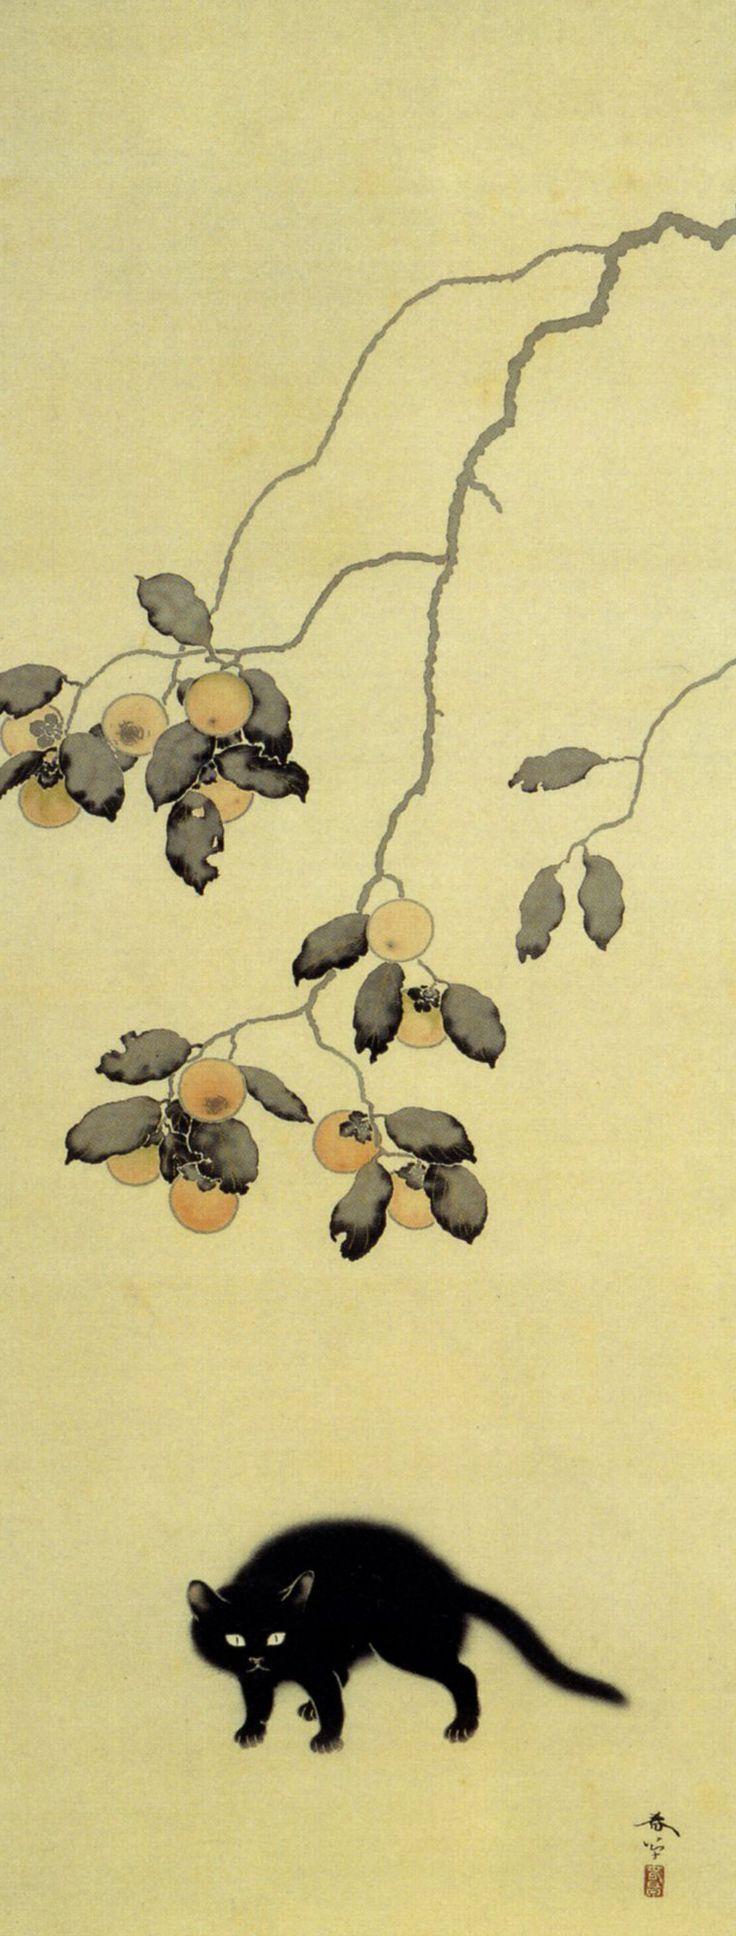 Black Cat by Hishida Shunso 1910